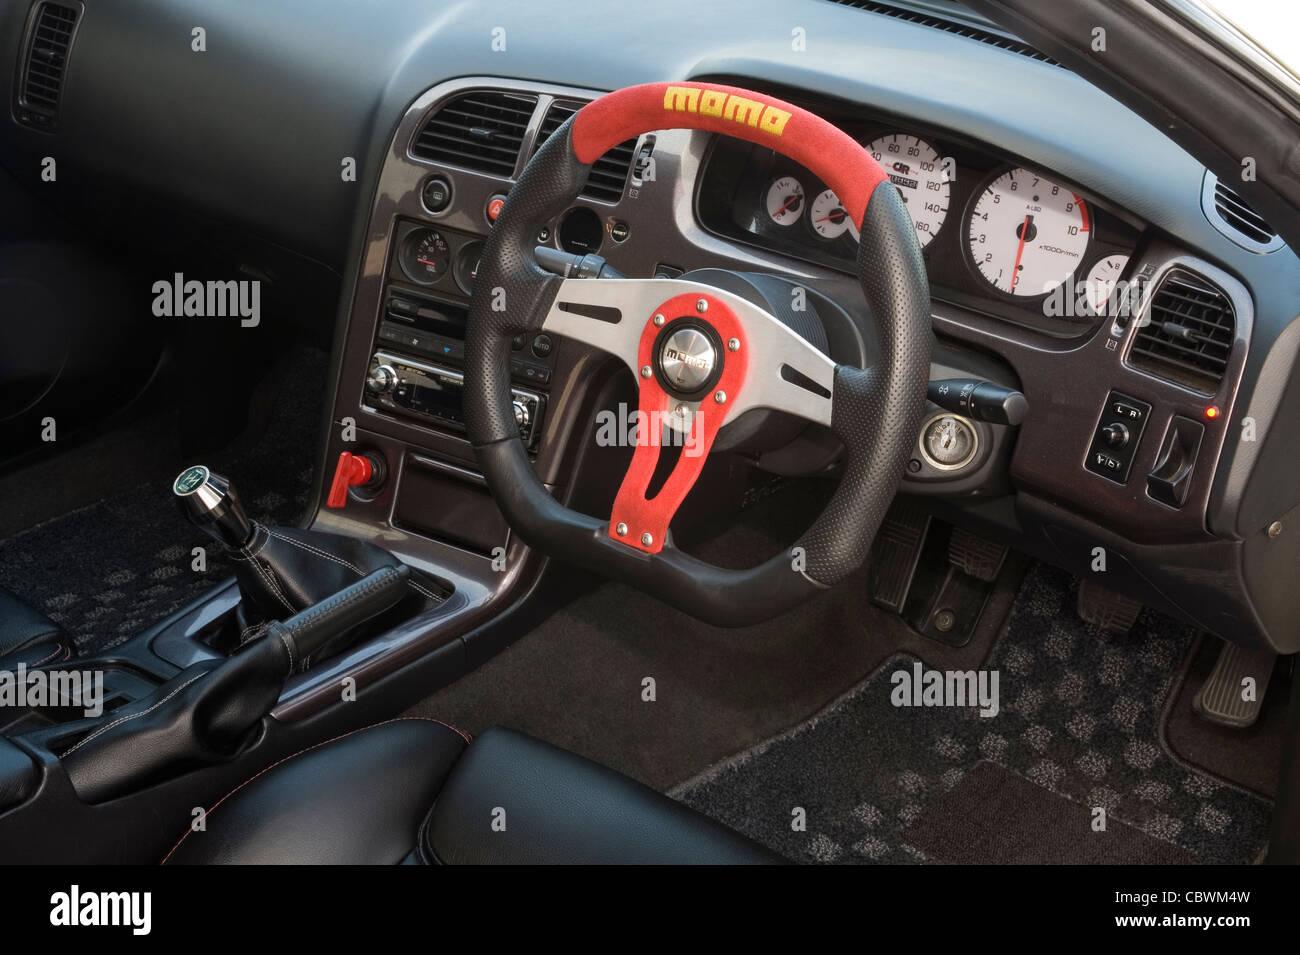 Fancy custom volante e cruscotto cruscotto nell'abitacolo di una vettura modificata Immagini Stock